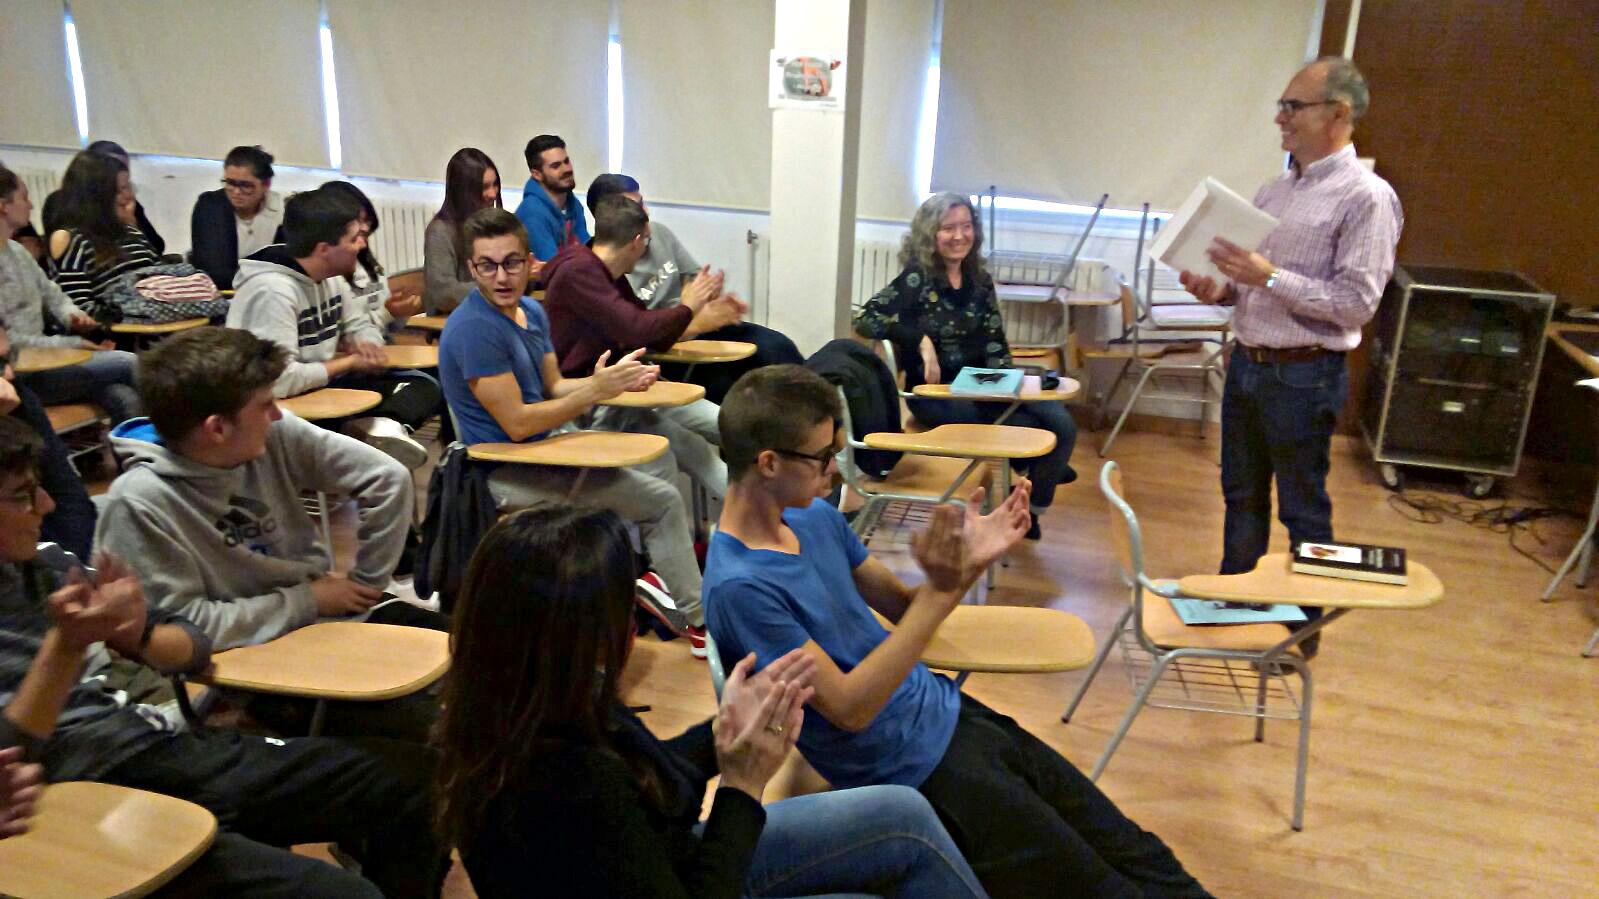 Presentació de la unitat didàctica sobre Pastor Aicart. IES Bocairent, 10 de novembre de 2017.